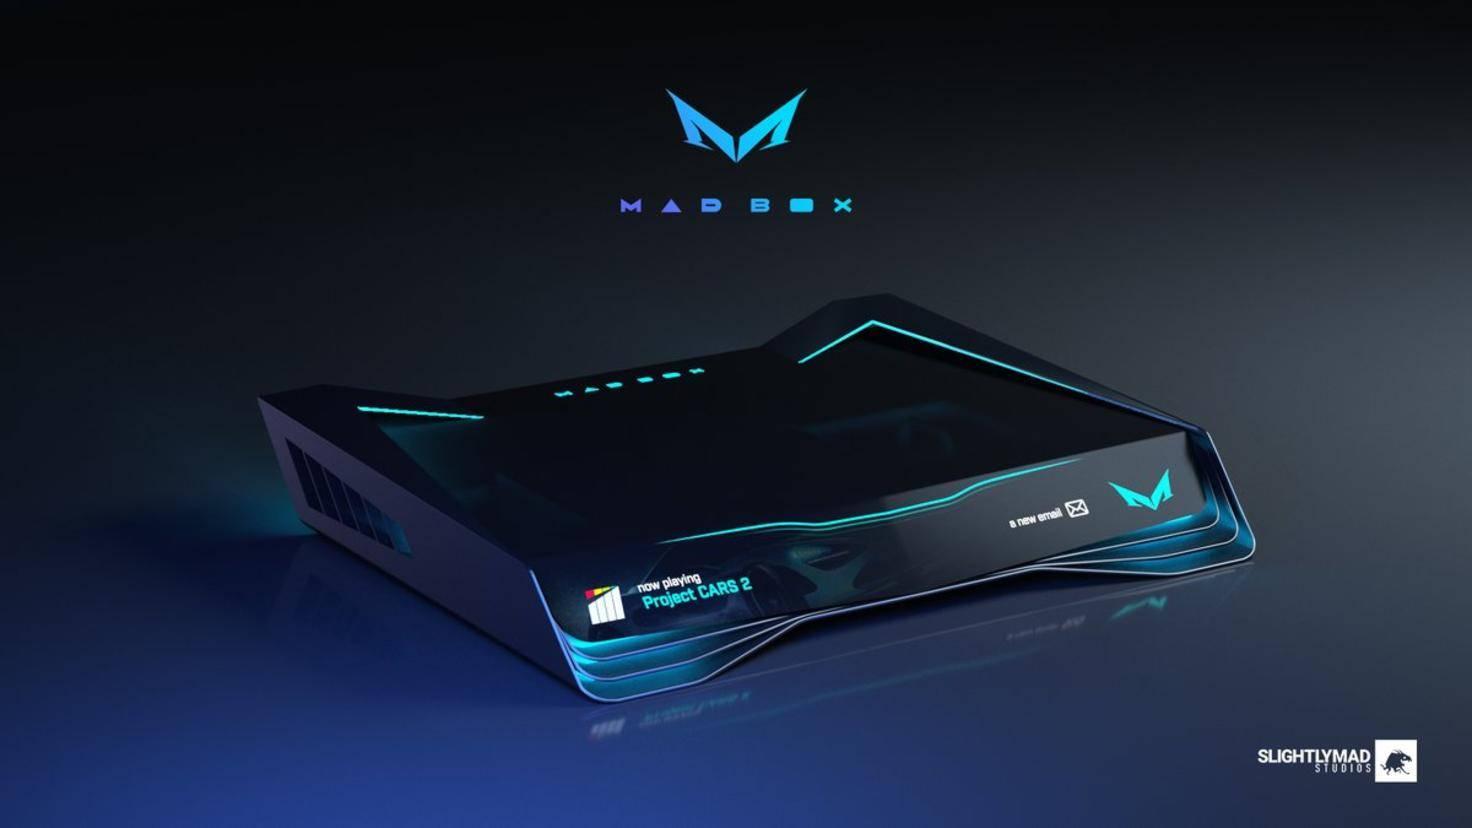 Das futuristische, vierte Design sieht sehr chic aus.